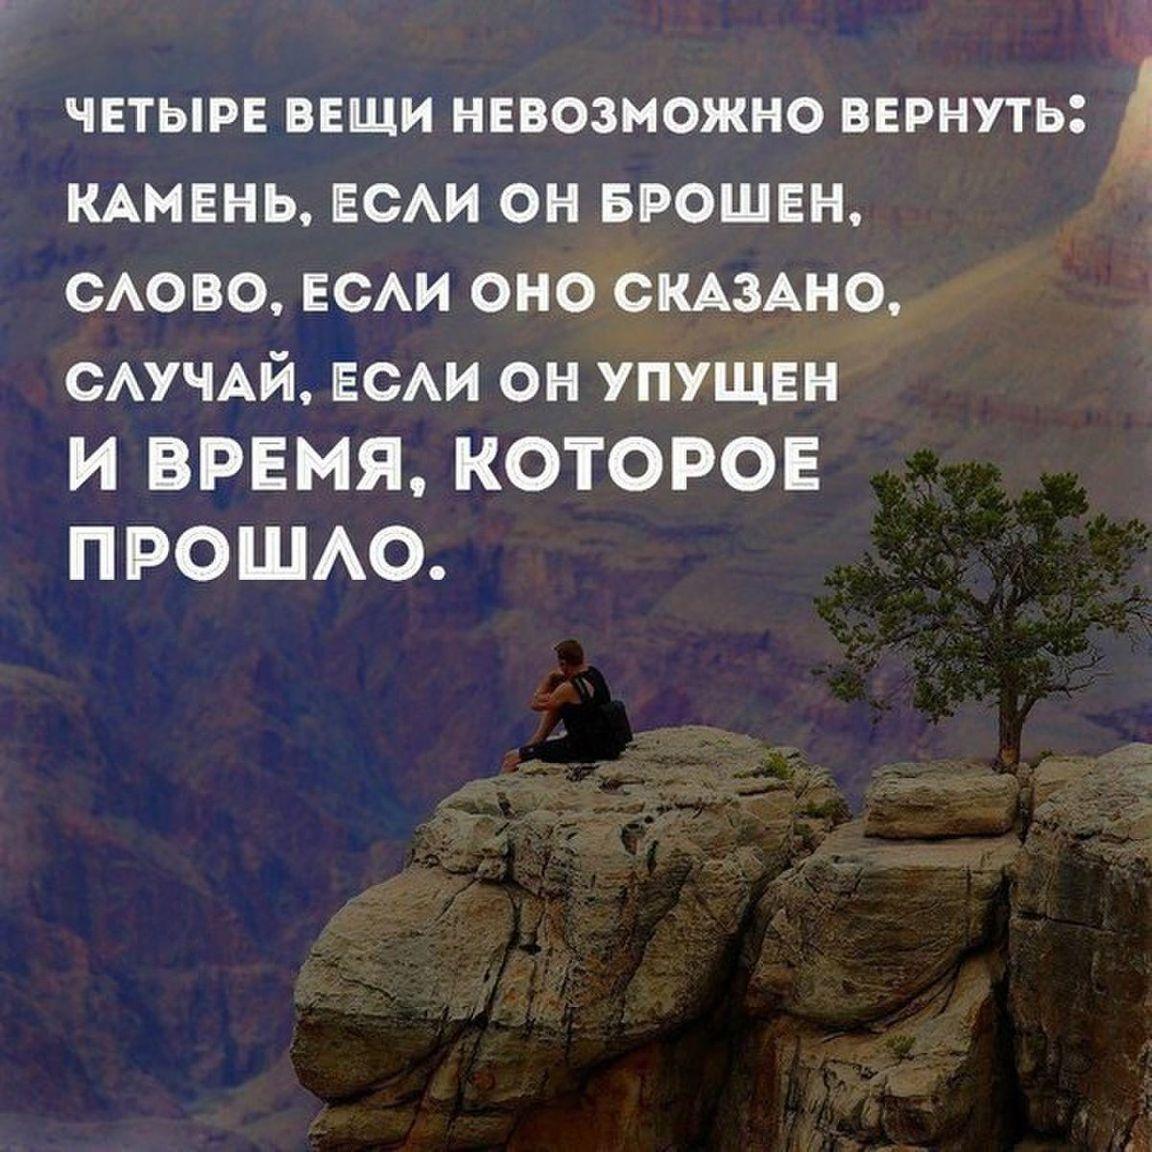 Мудрые слова о жизни с картинками